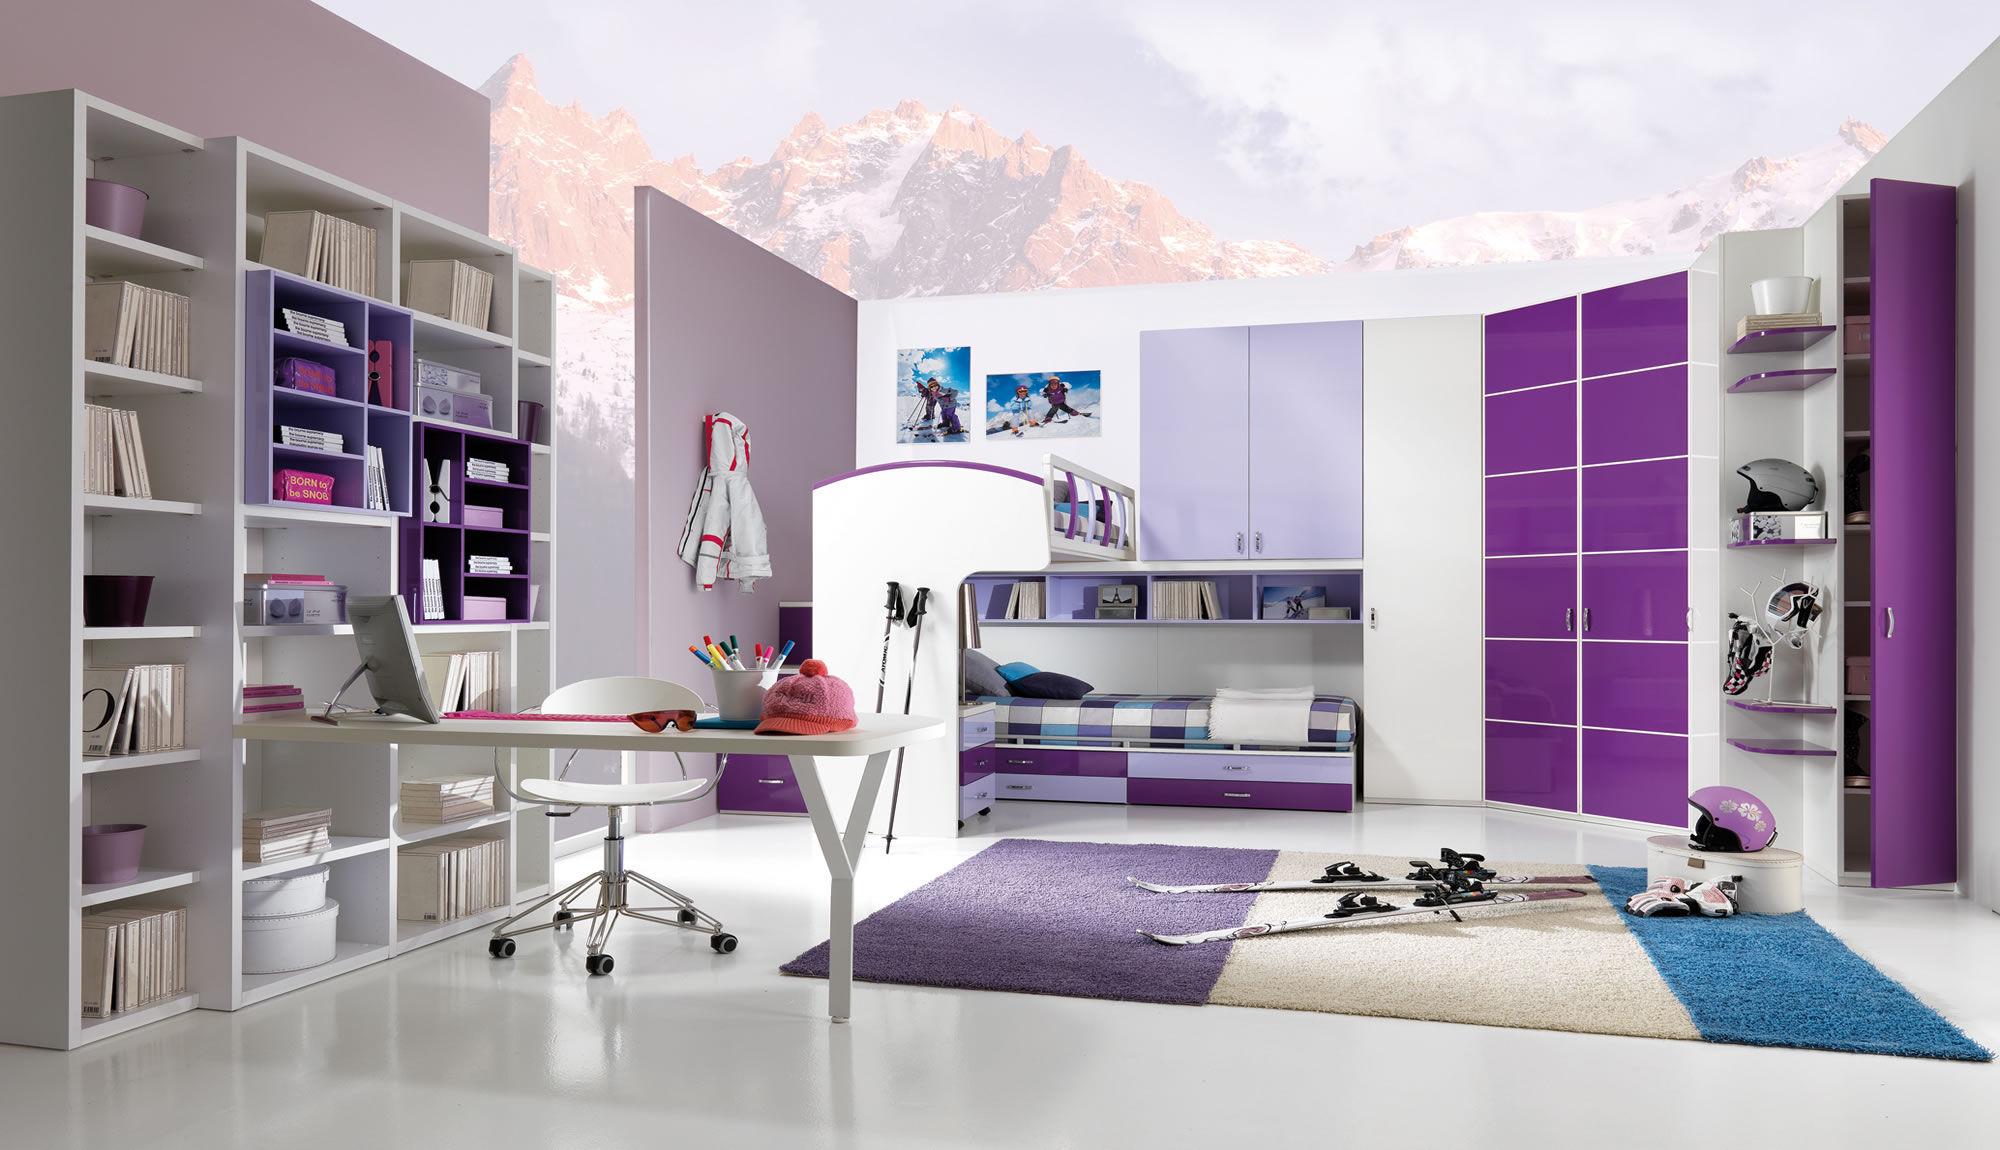 Badezimmer weiss lila: kueche und bad im doppelpack. badezimmer ...